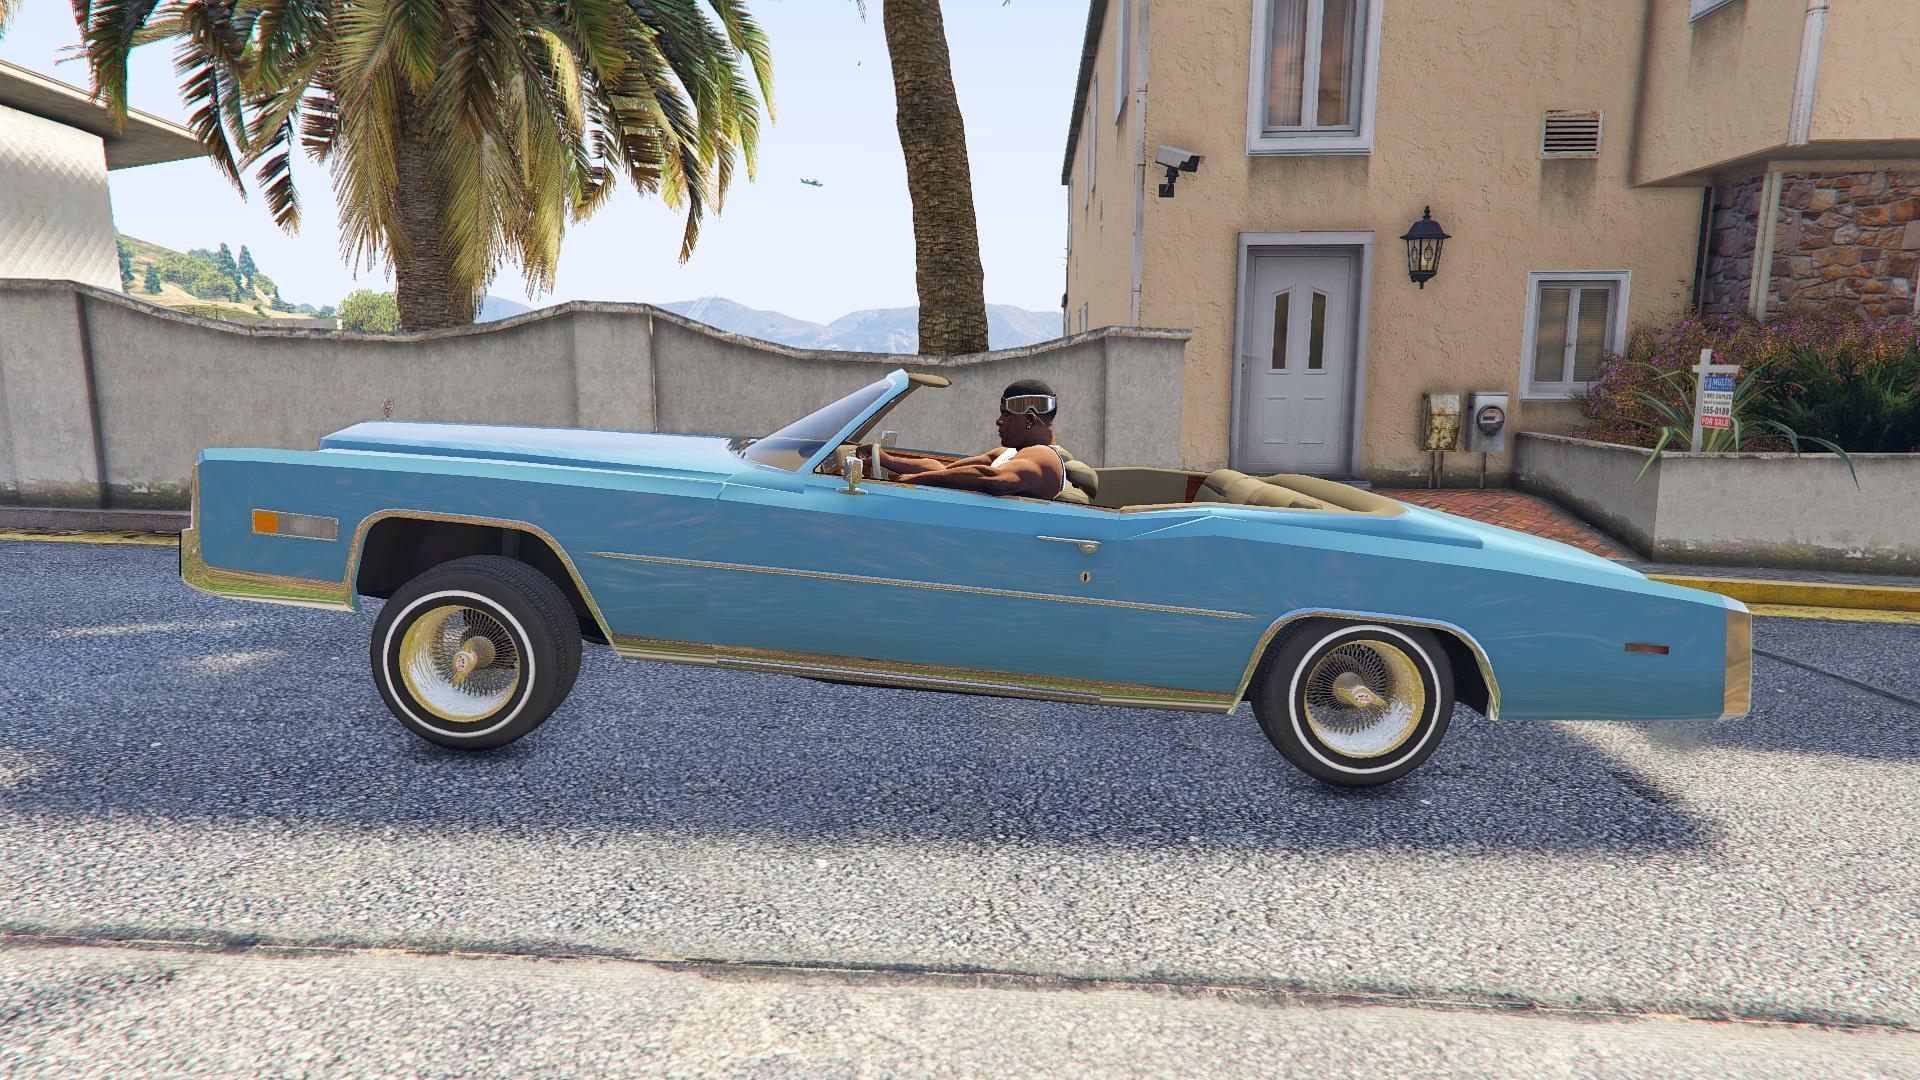 0_1506365739348_Grand Theft Auto V 9_25_2017 11_48_39 AM.jpg